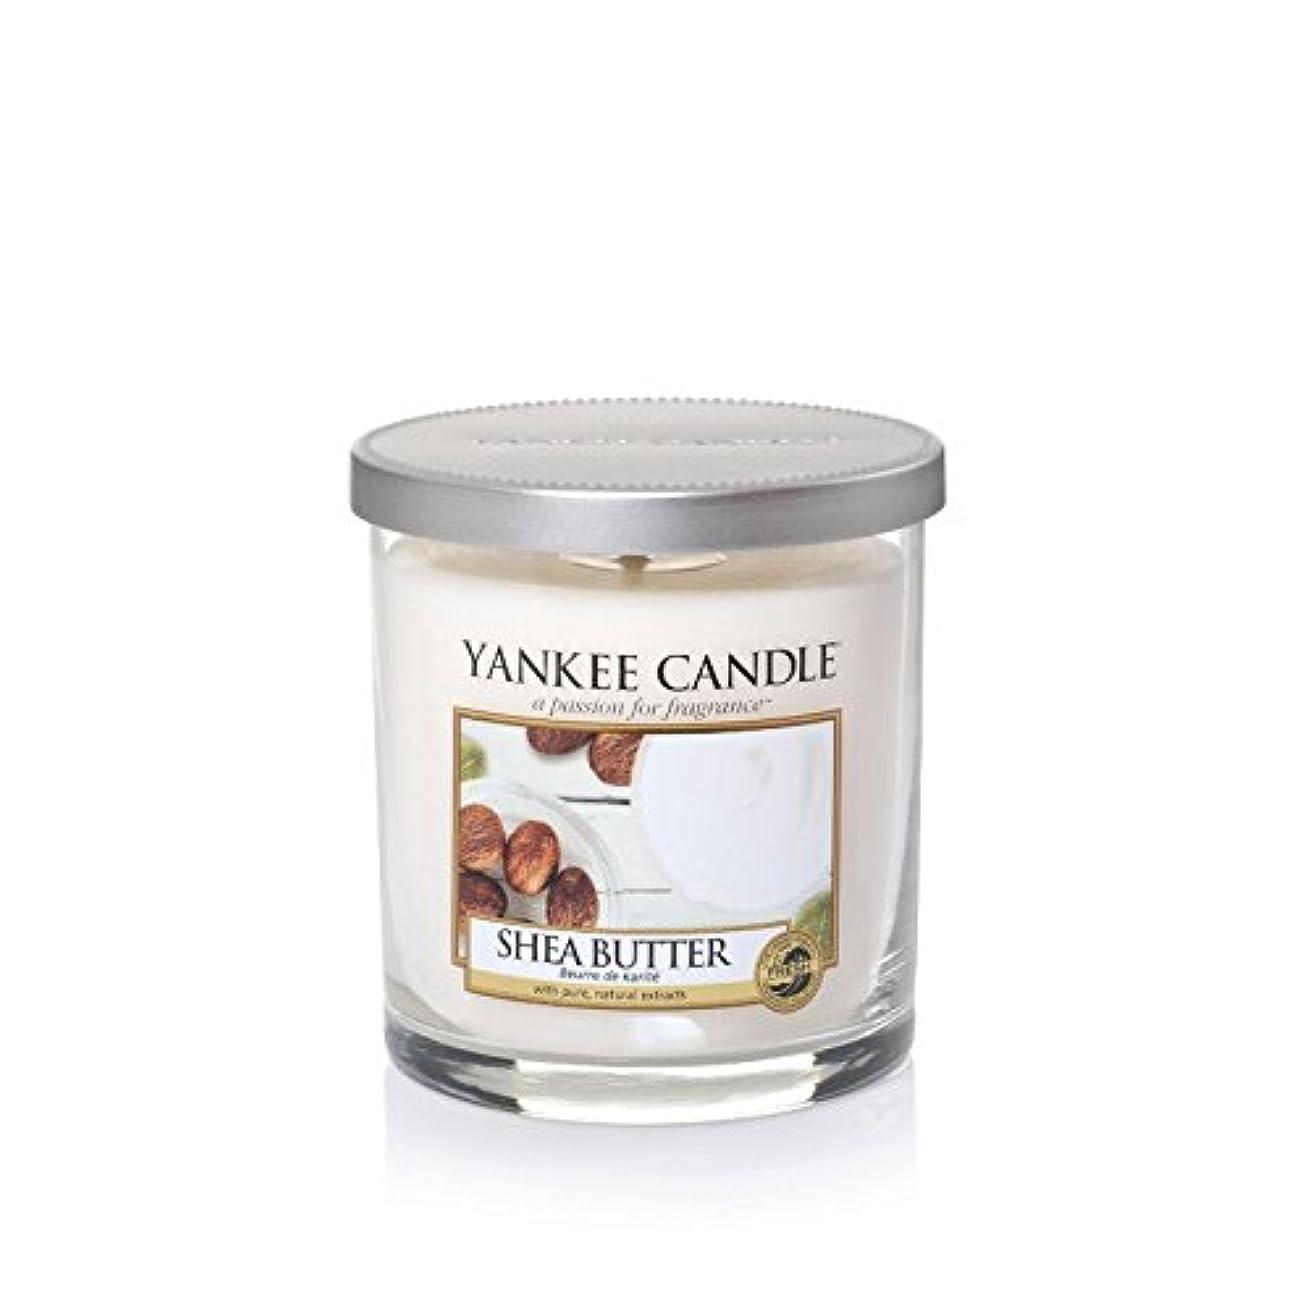 囚人鼓舞する朝の体操をするヤンキーキャンドルの小さな柱キャンドル - シアバター - Yankee Candles Small Pillar Candle - Shea Butter (Yankee Candles) [並行輸入品]